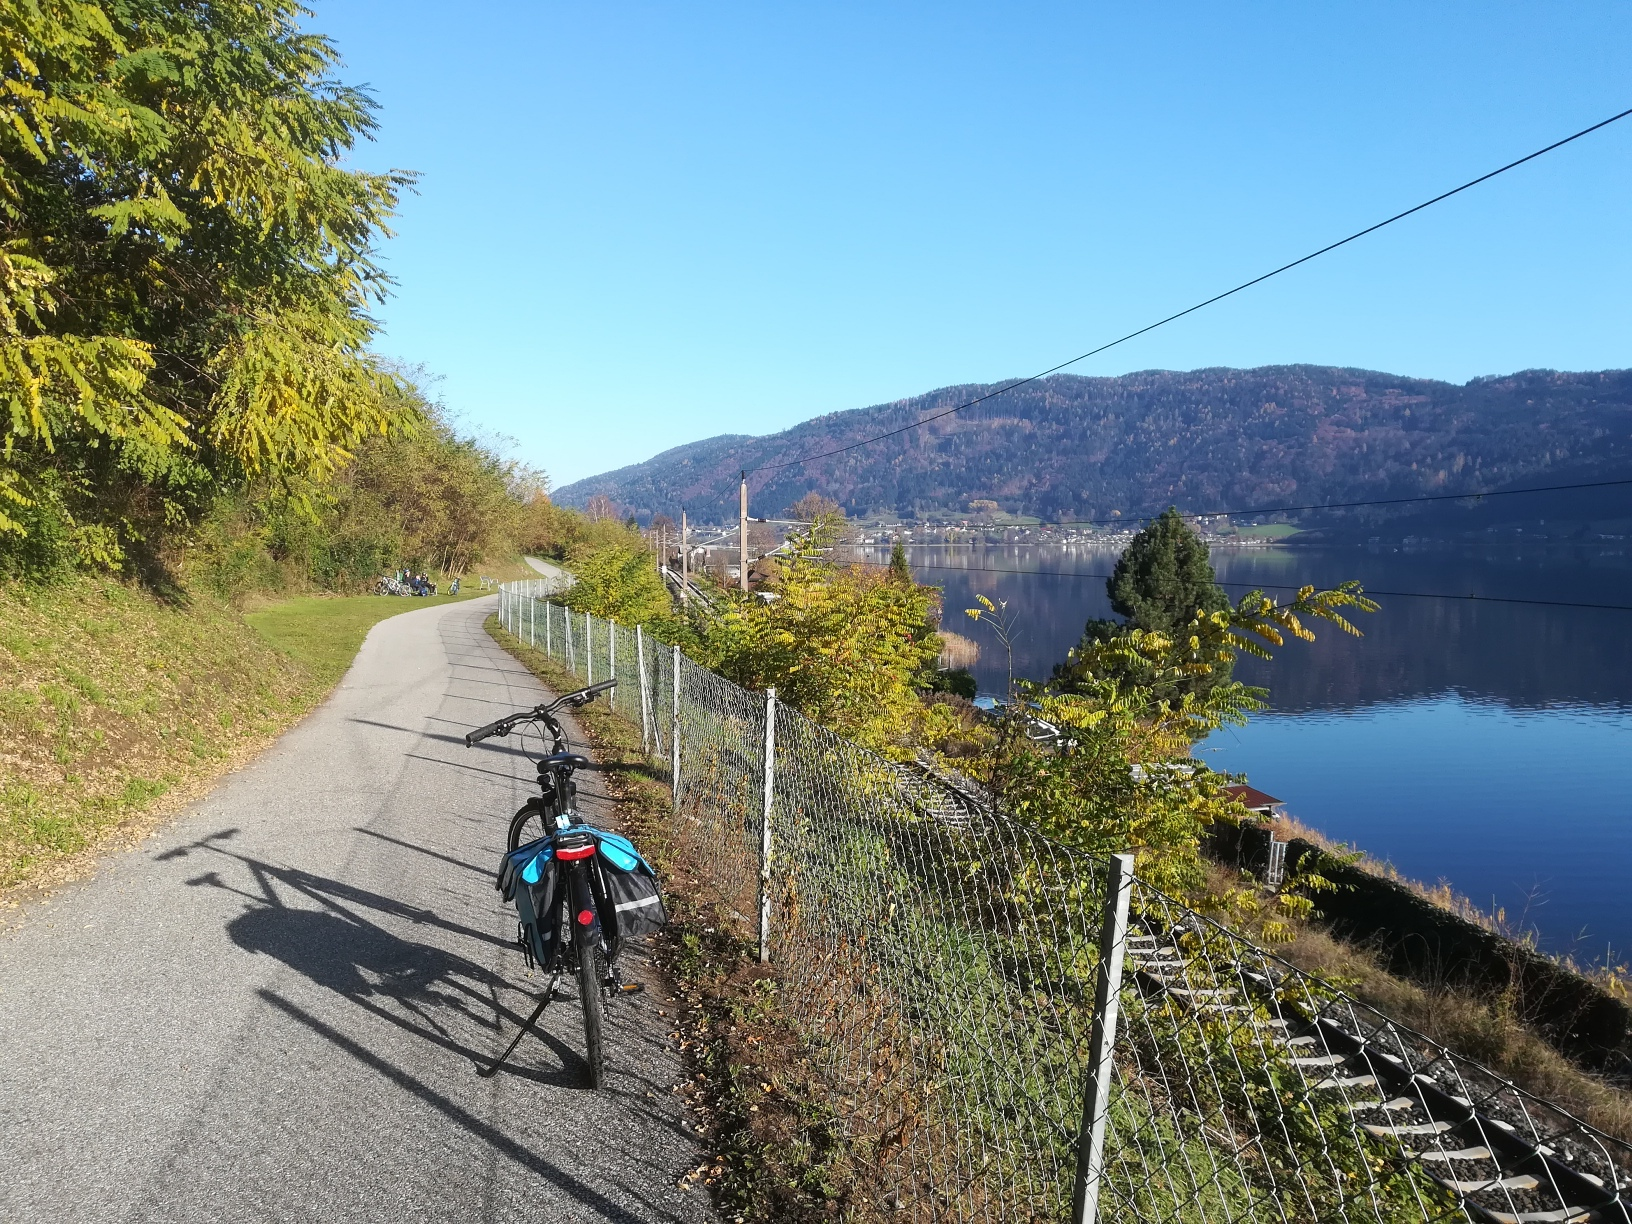 den Ossiacher See mit dem Rad erkunden - eine tolle Tour